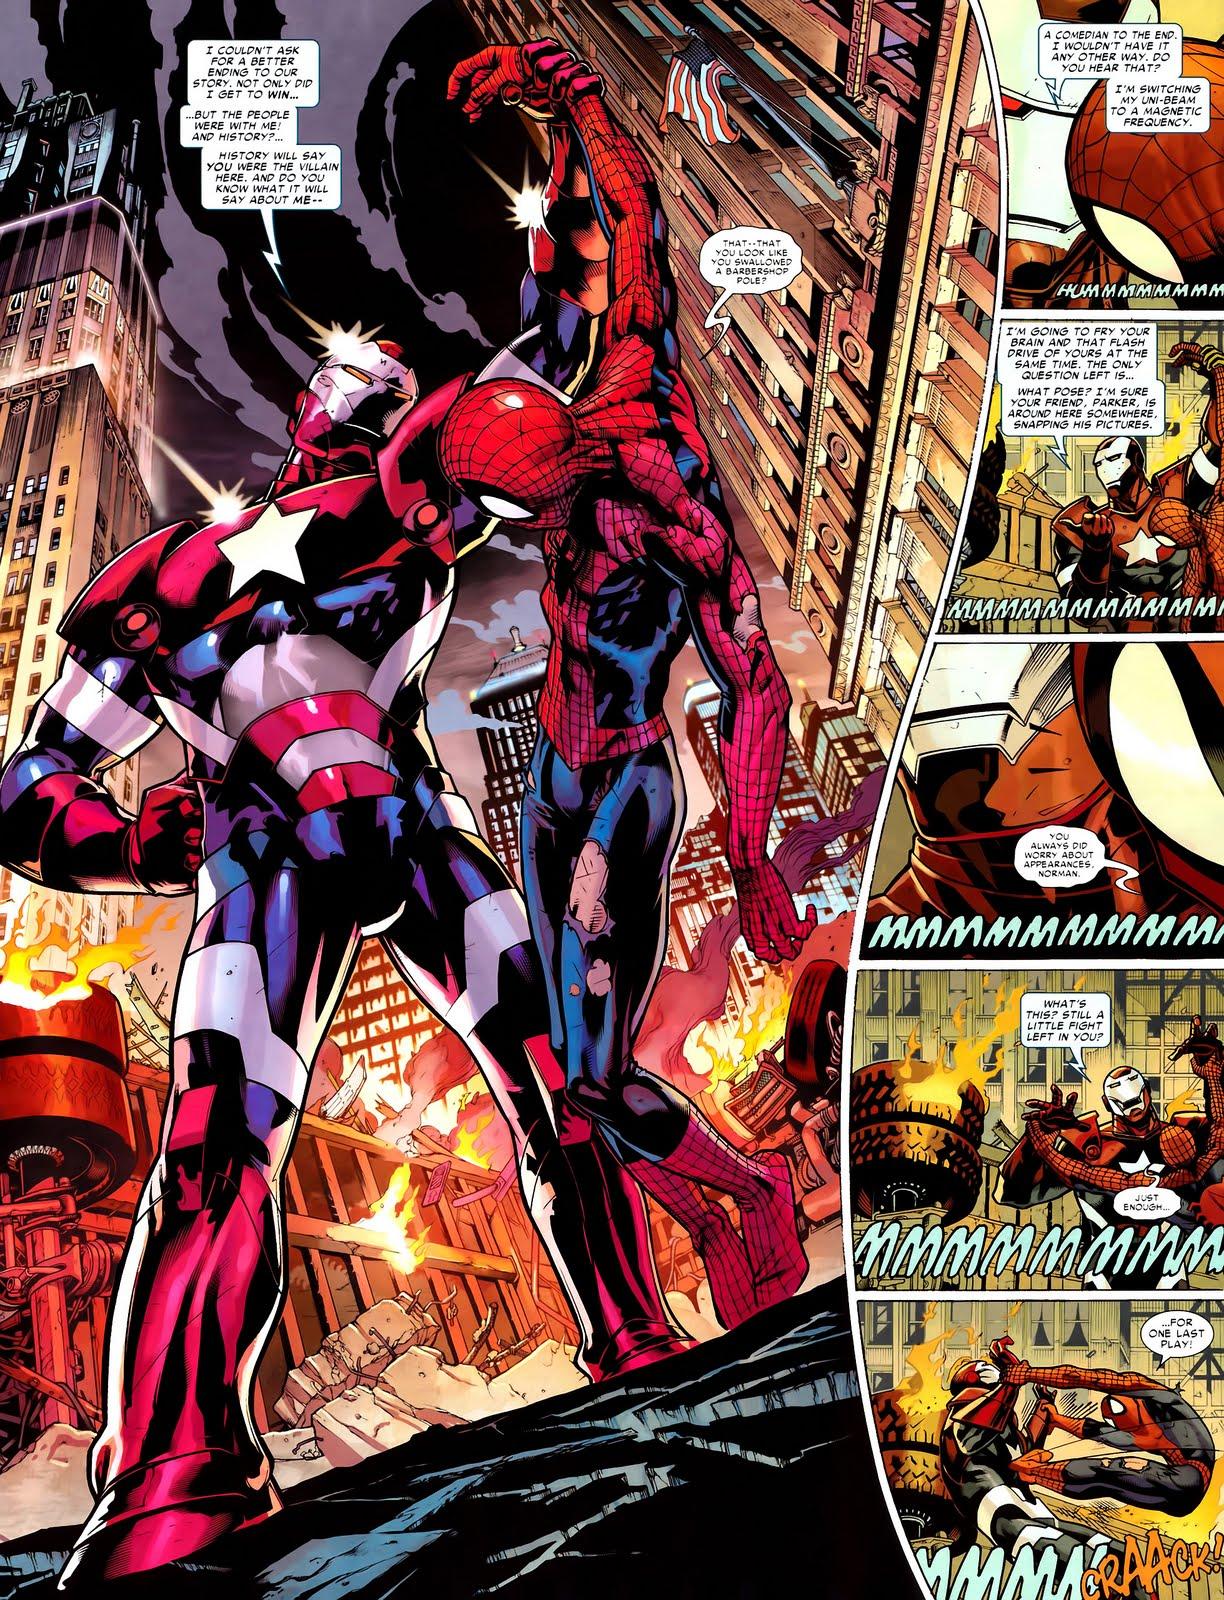 Me & Jannah: Wayang: Iron Man 3 - Iron Patriot